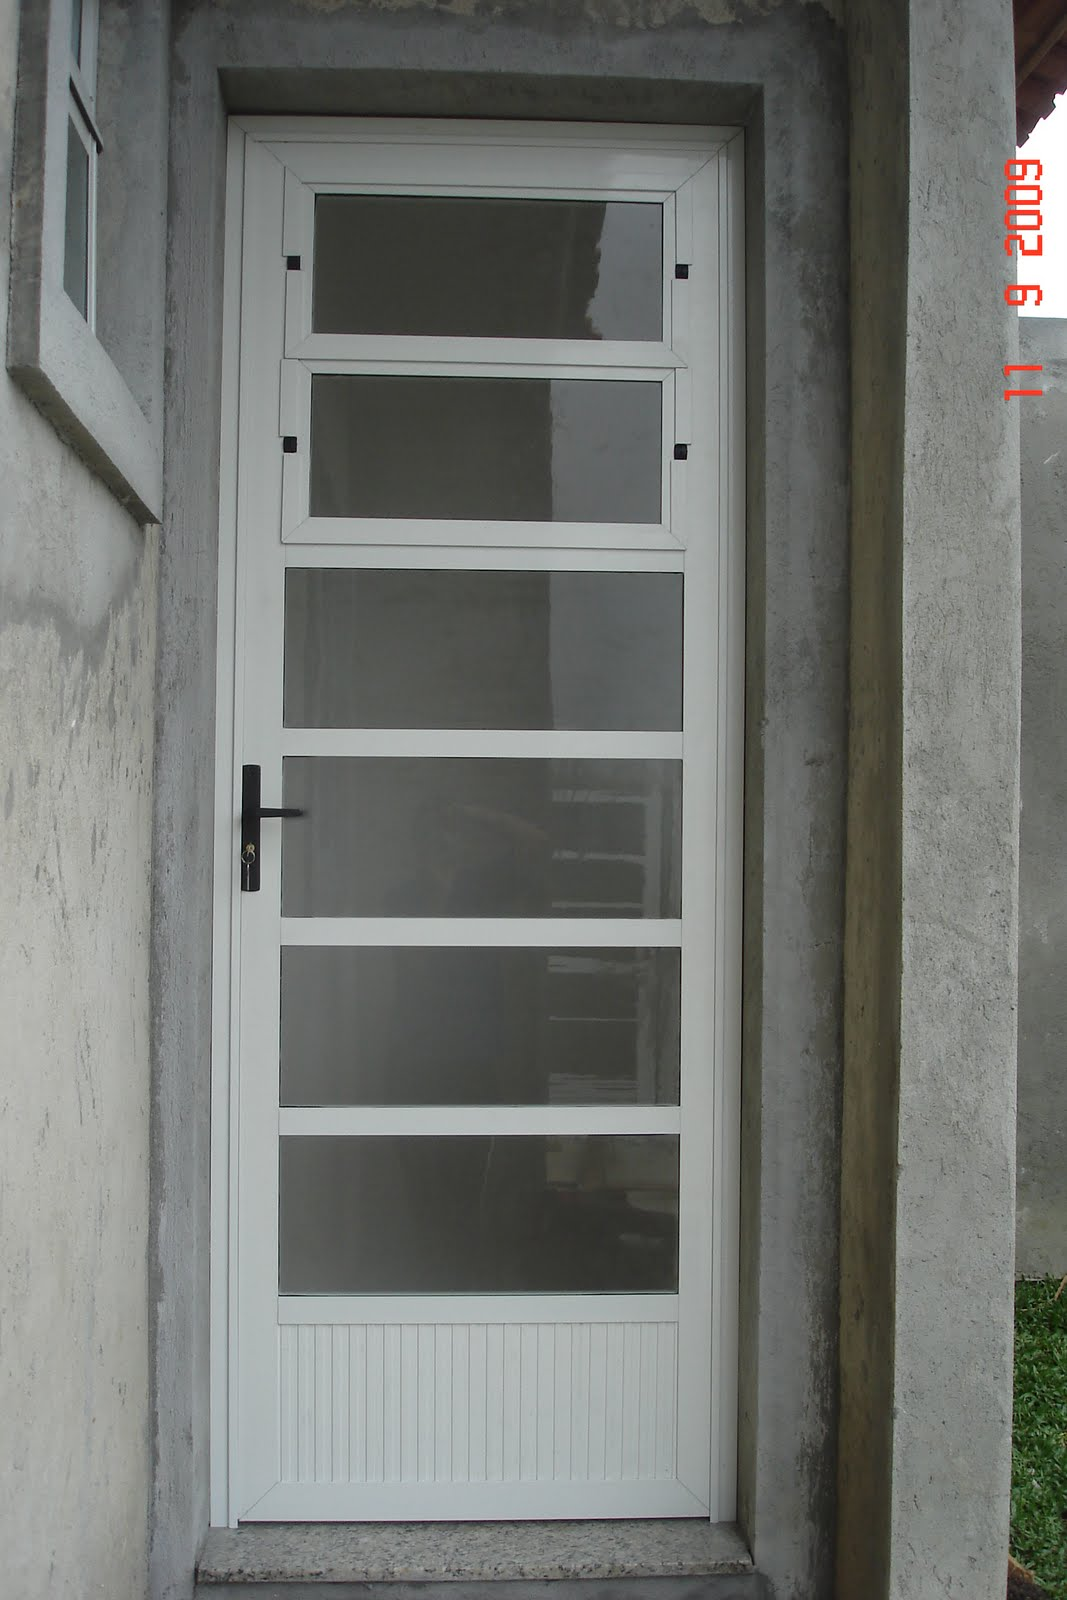 #575243 porta giro com lambri travessas e basculante portaria linha 30 1106 Portas E Janelas De Aluminio No Df